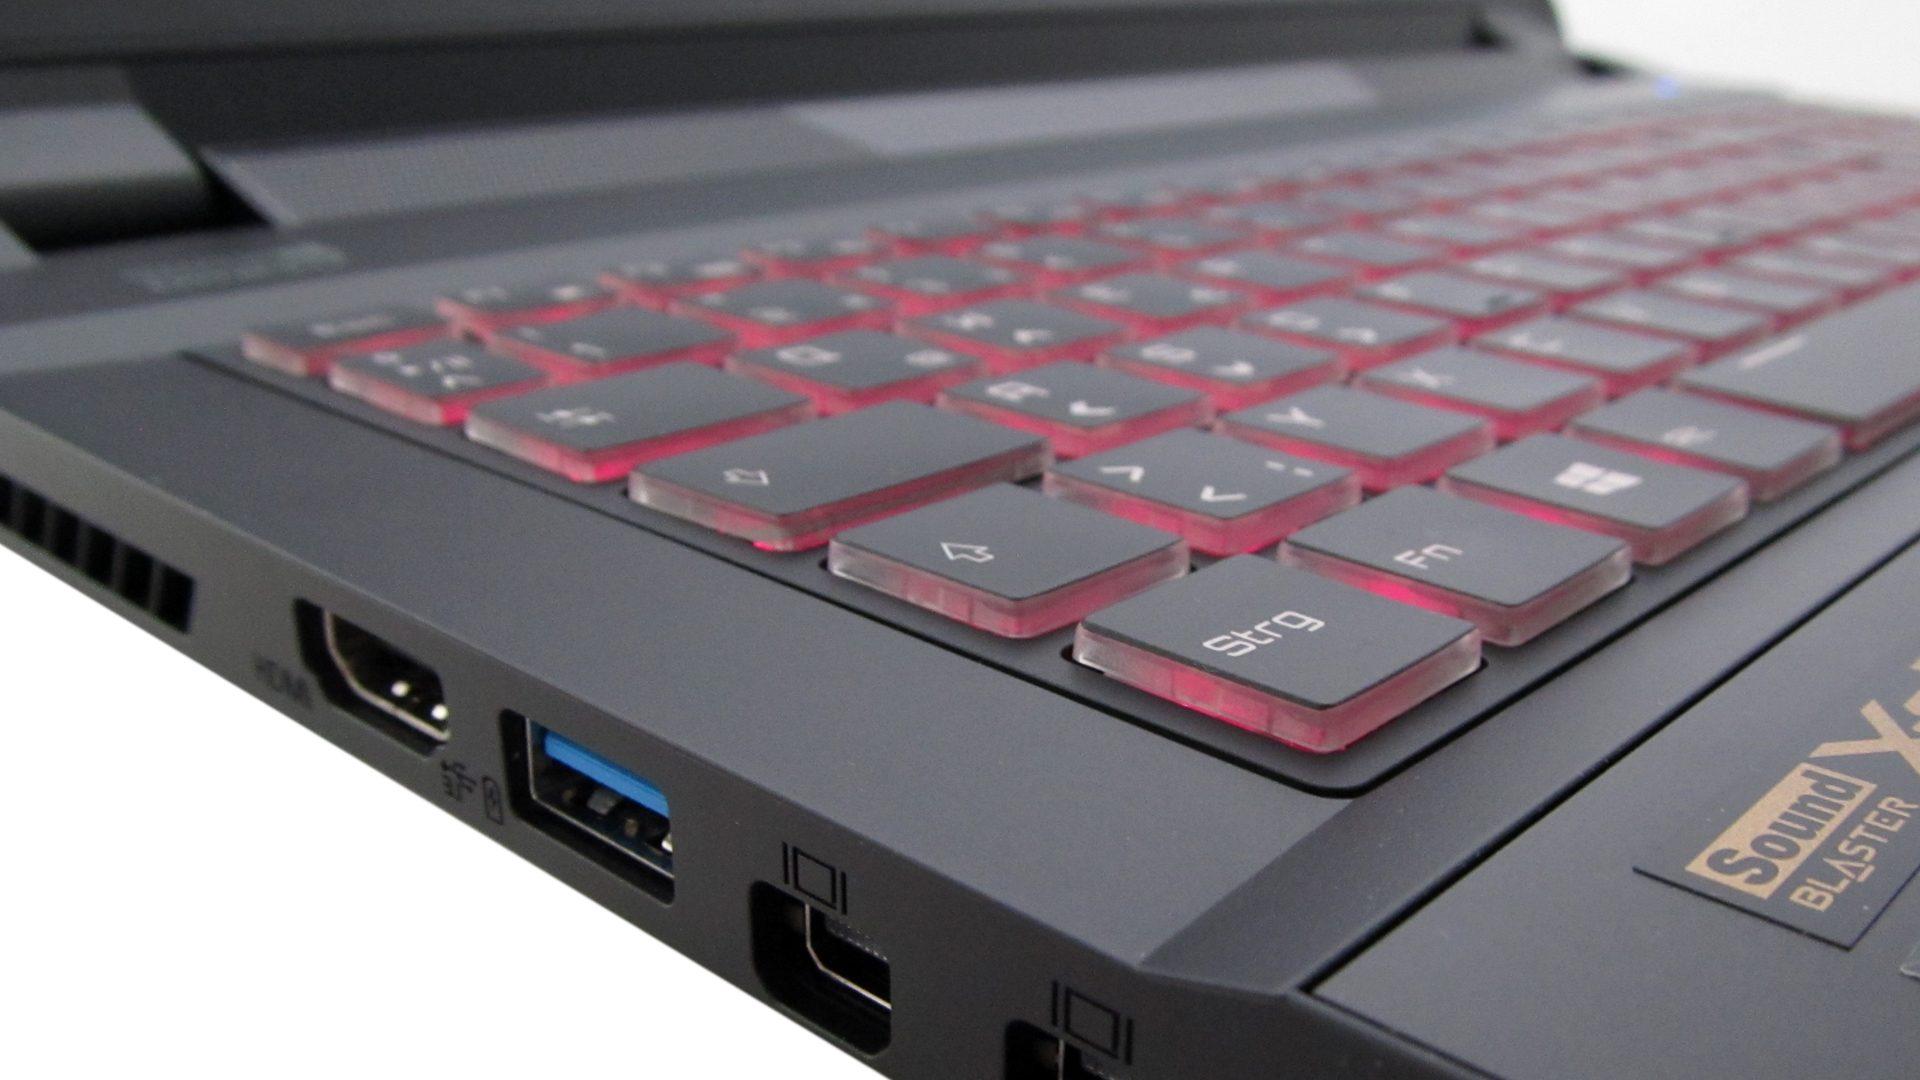 SCHENKER-XMG-P507-VE-gsh-tastatur_3